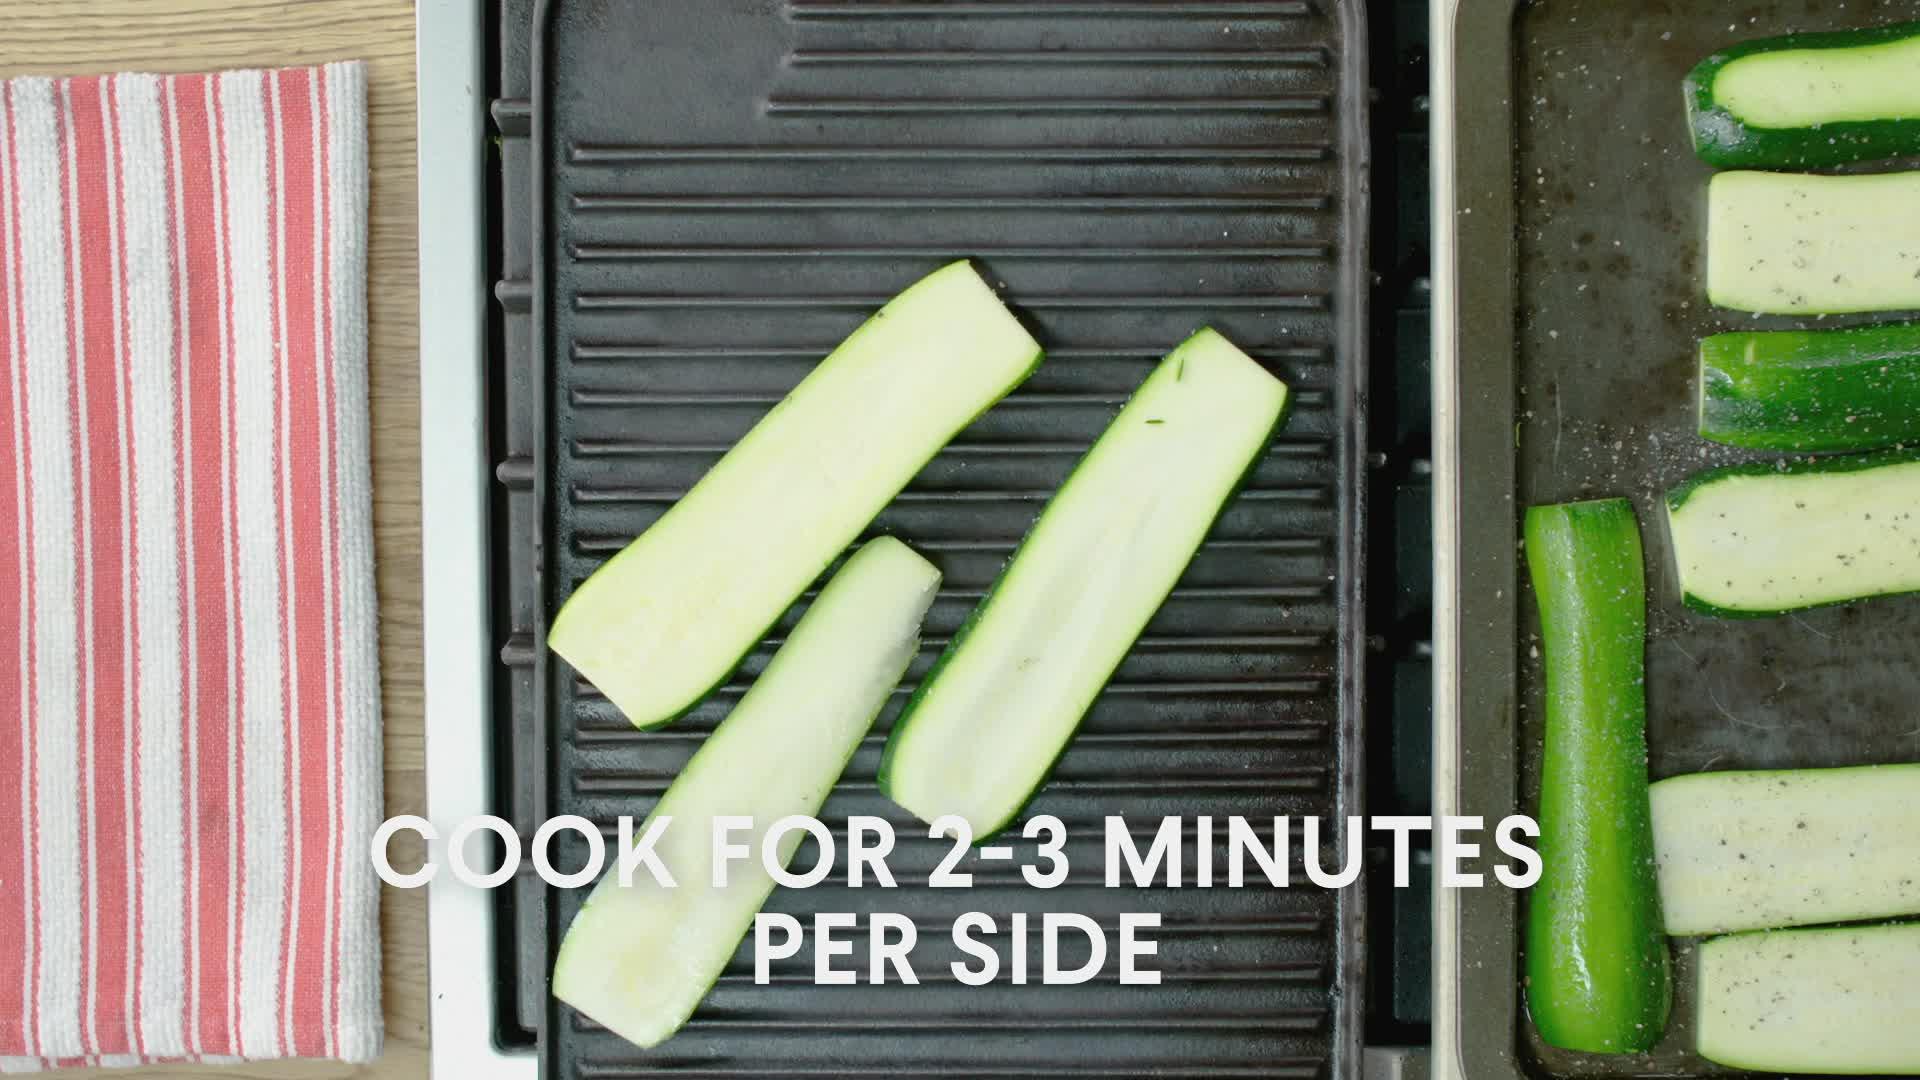 Best Bites: Spinach zucchini lasagna rolls